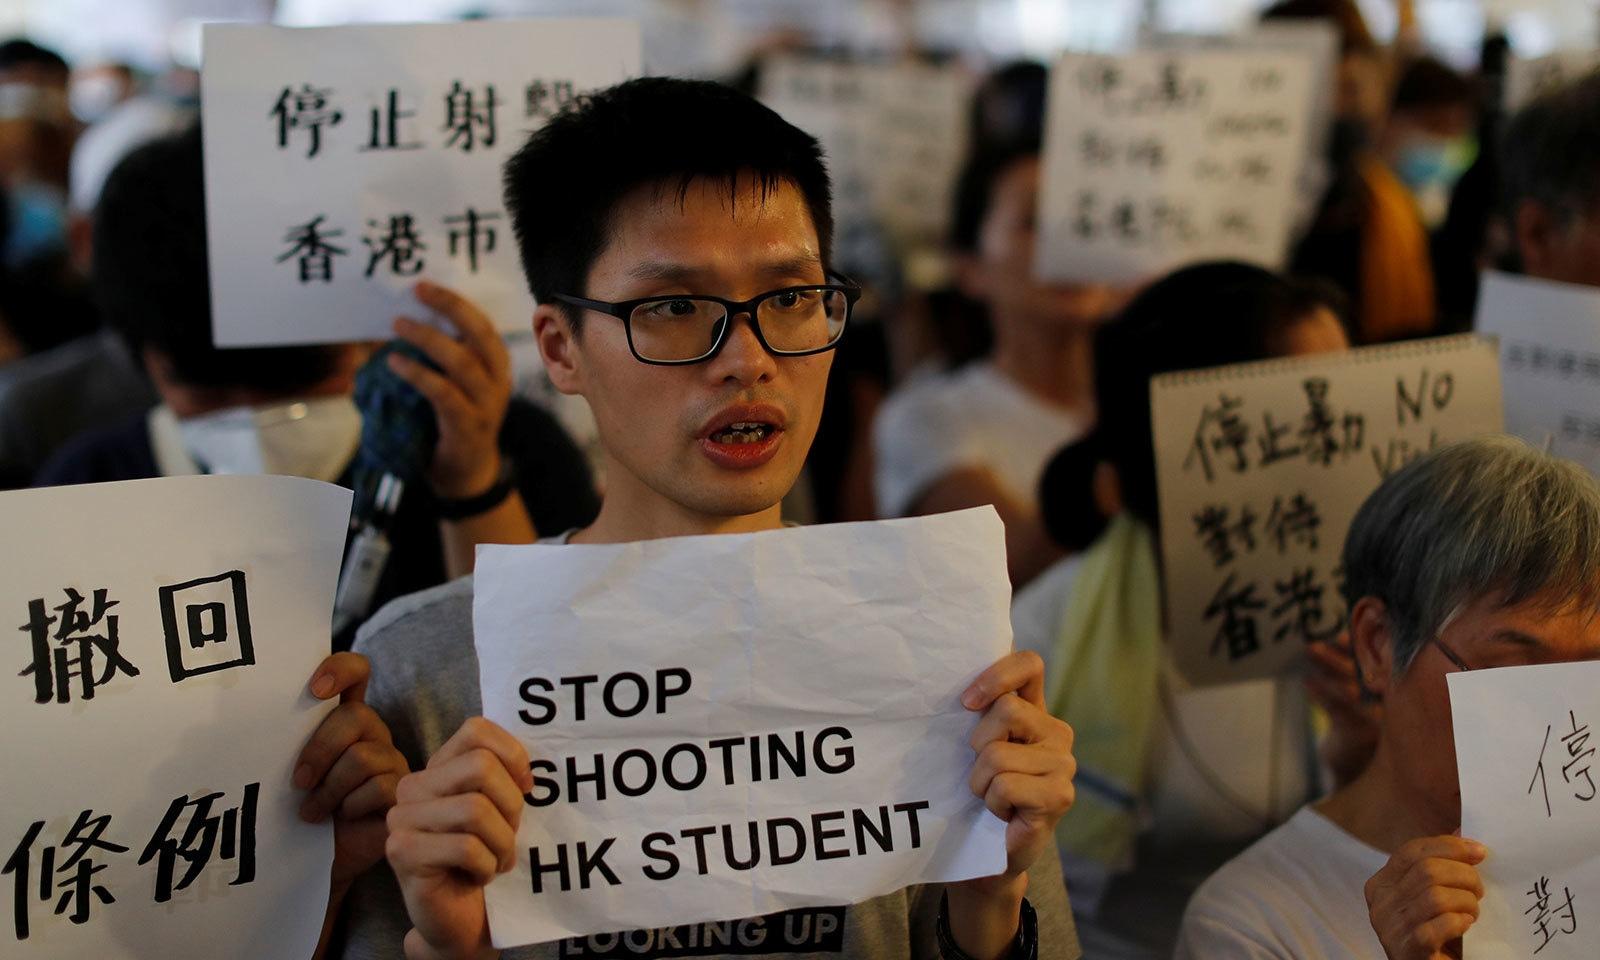 مظاہرین نے طلبا پر فائرنگ نہ کرنے کا مطالبہ بھی کیا — فوٹو: رائٹرز